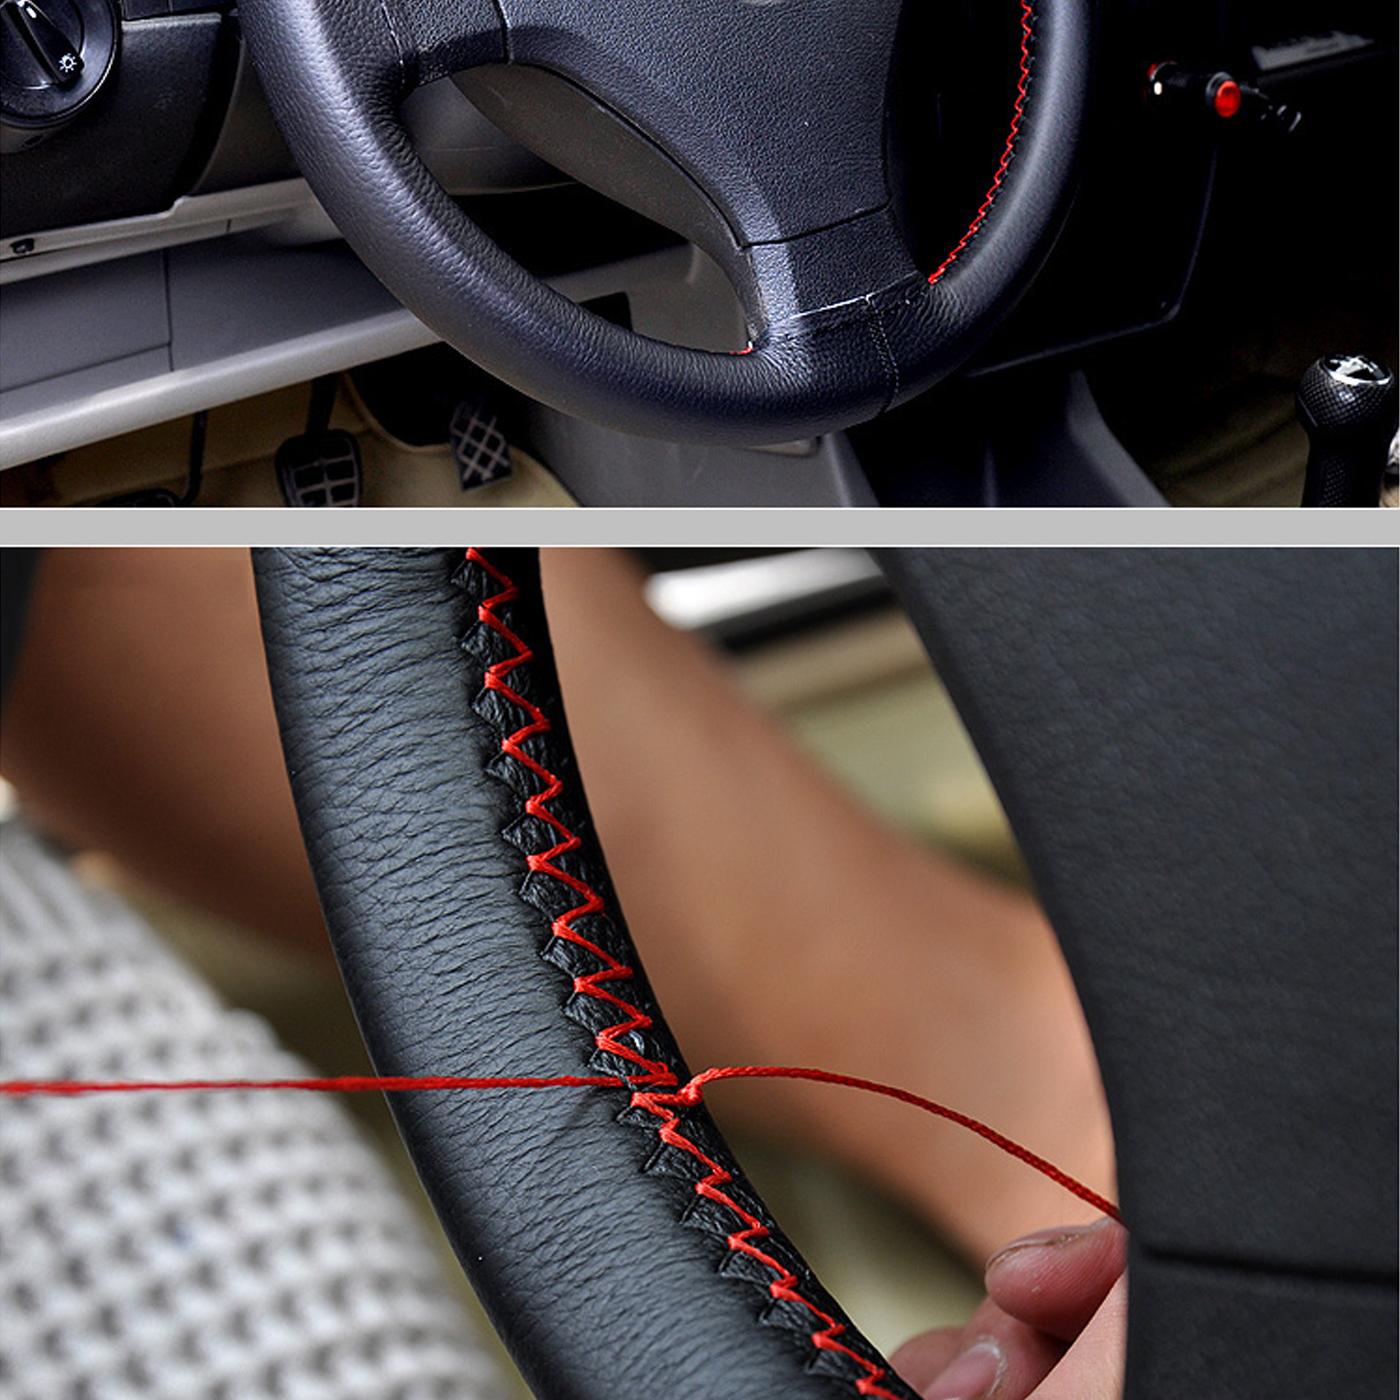 Auto Lenkrad Abdeckung DIY Echtleder mit Nadeln Thread Car-Styling innen Zubeh/ör Schwarz